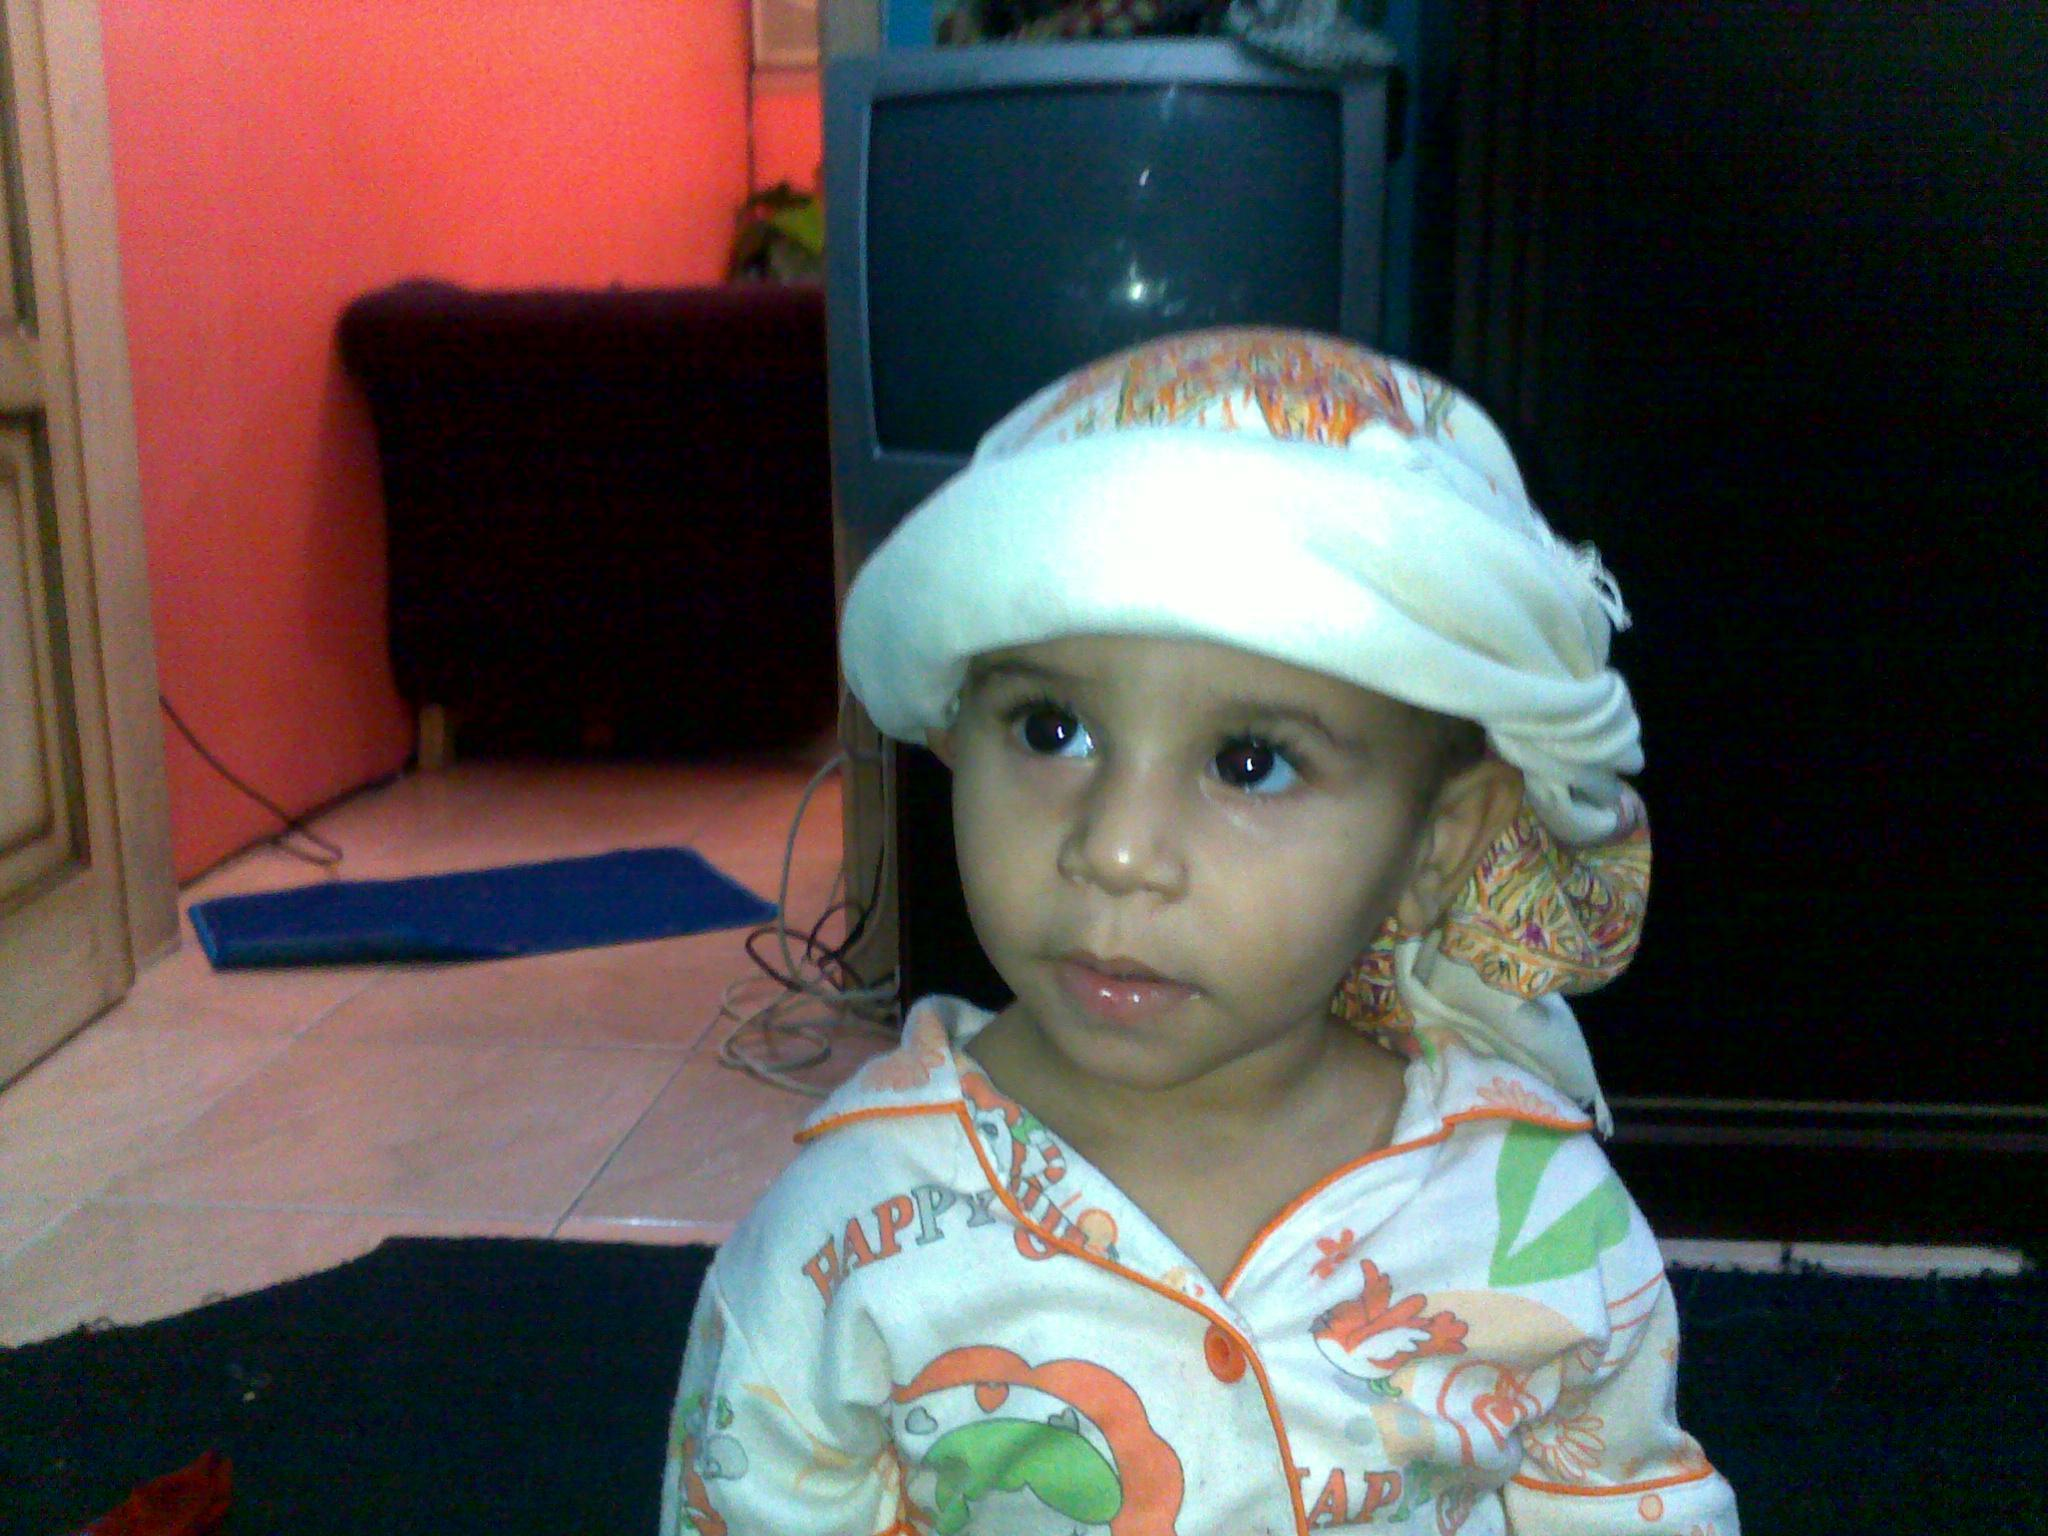 الأمير بدر بن عبدالعزيز آل سعود.اختارى باب وابعتى رسالةاختبر نفسك